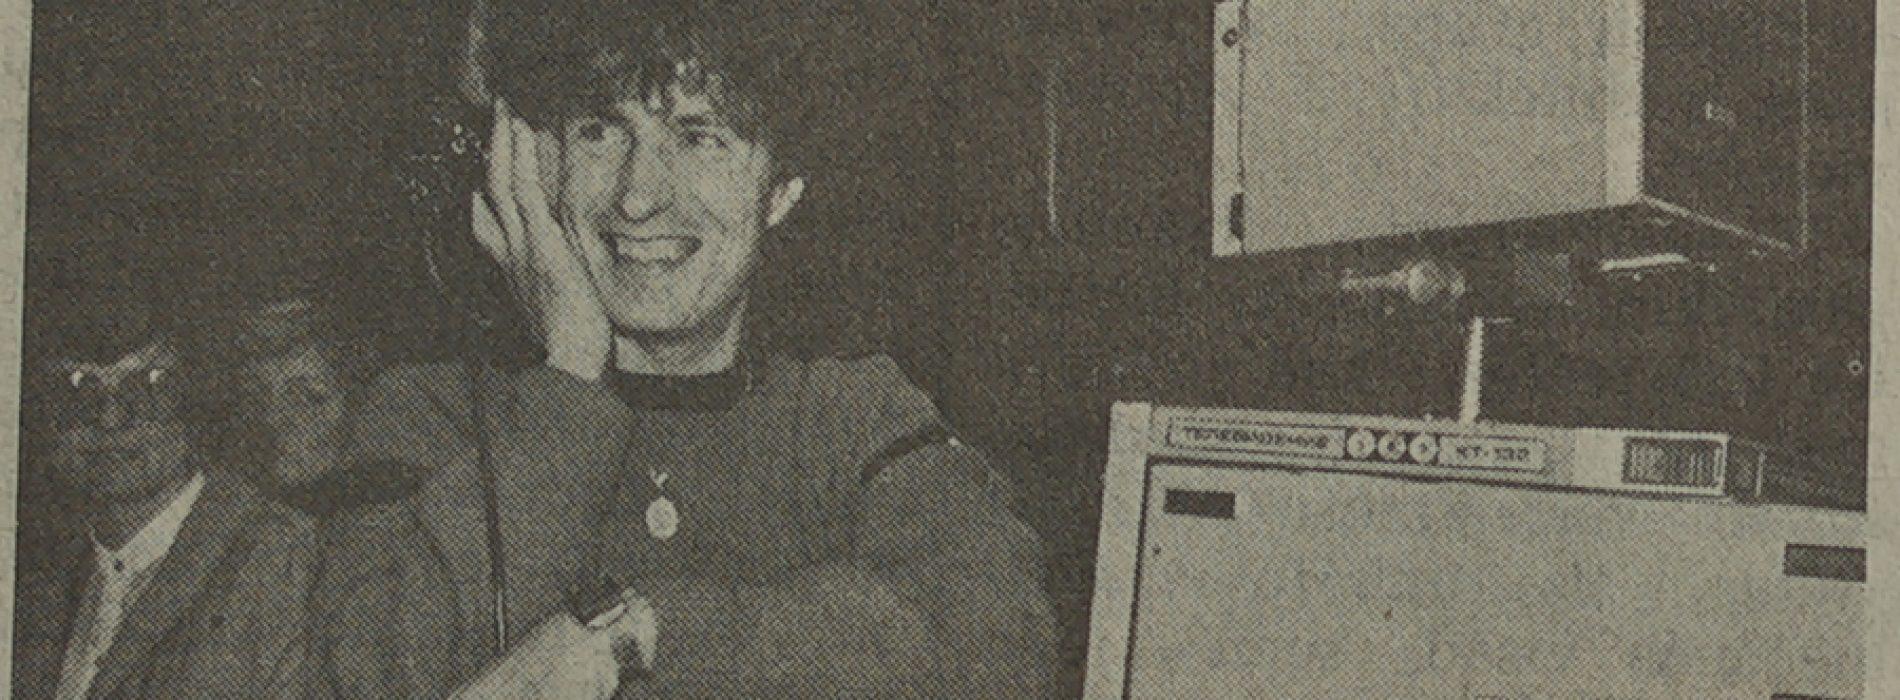 Ką Egidijus Sipavičius veikė 1986 metais